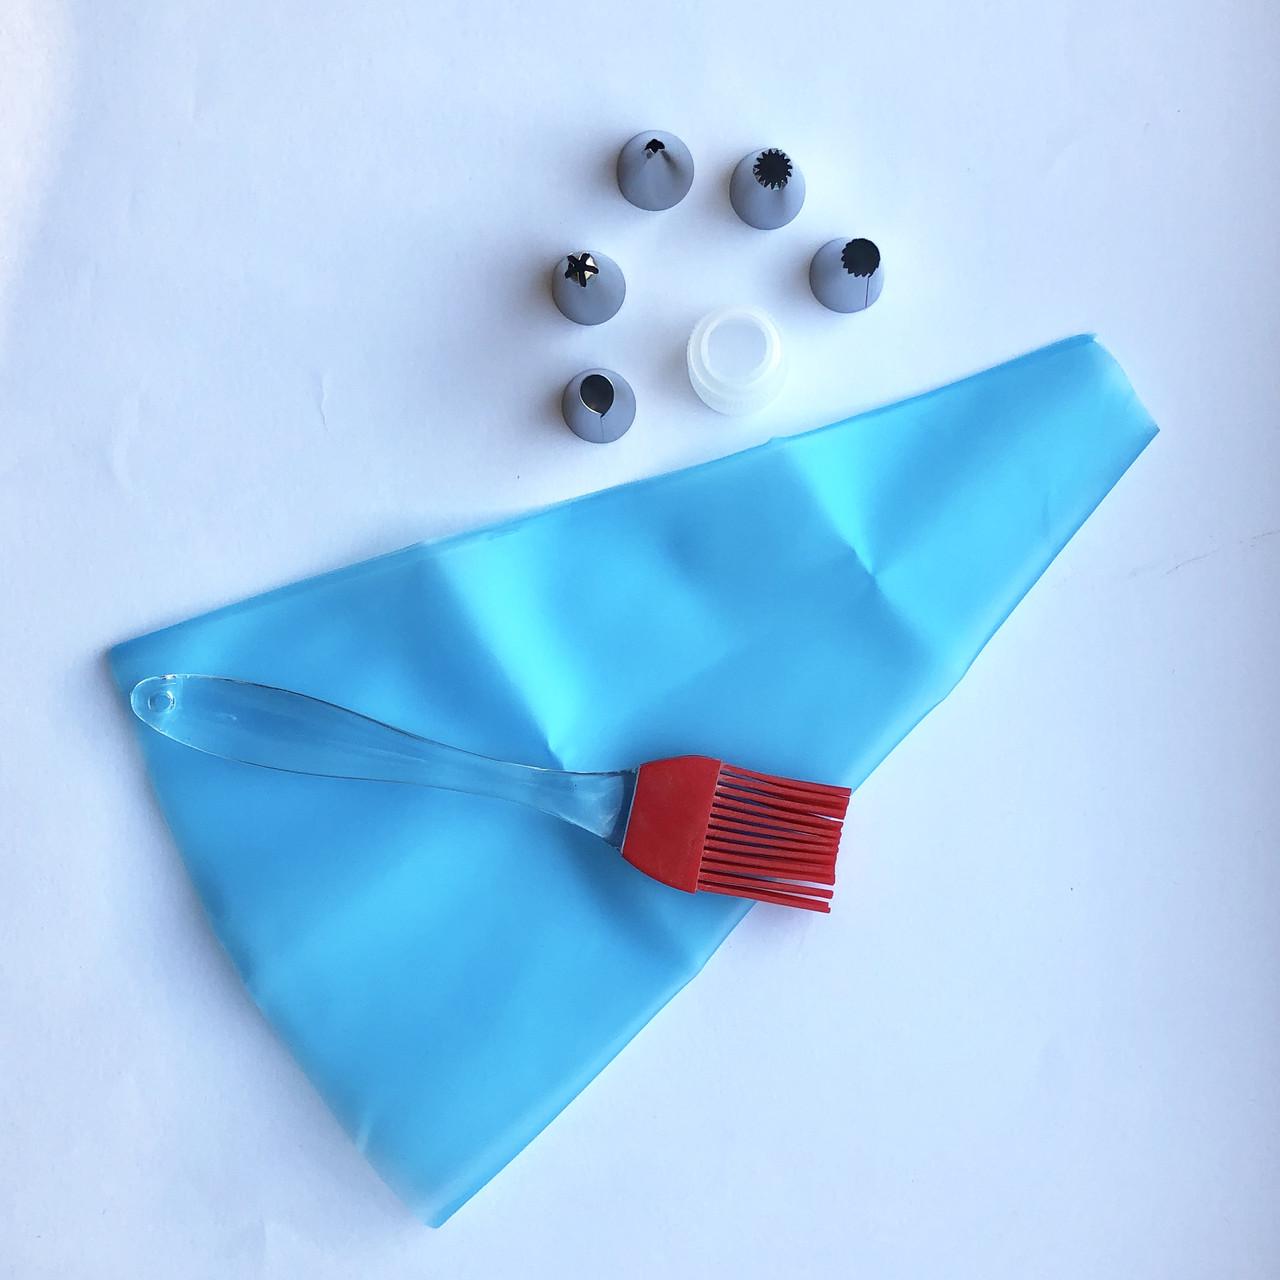 Cиликоновый кондитерский мешок с насадками (5 шт) + кисточка